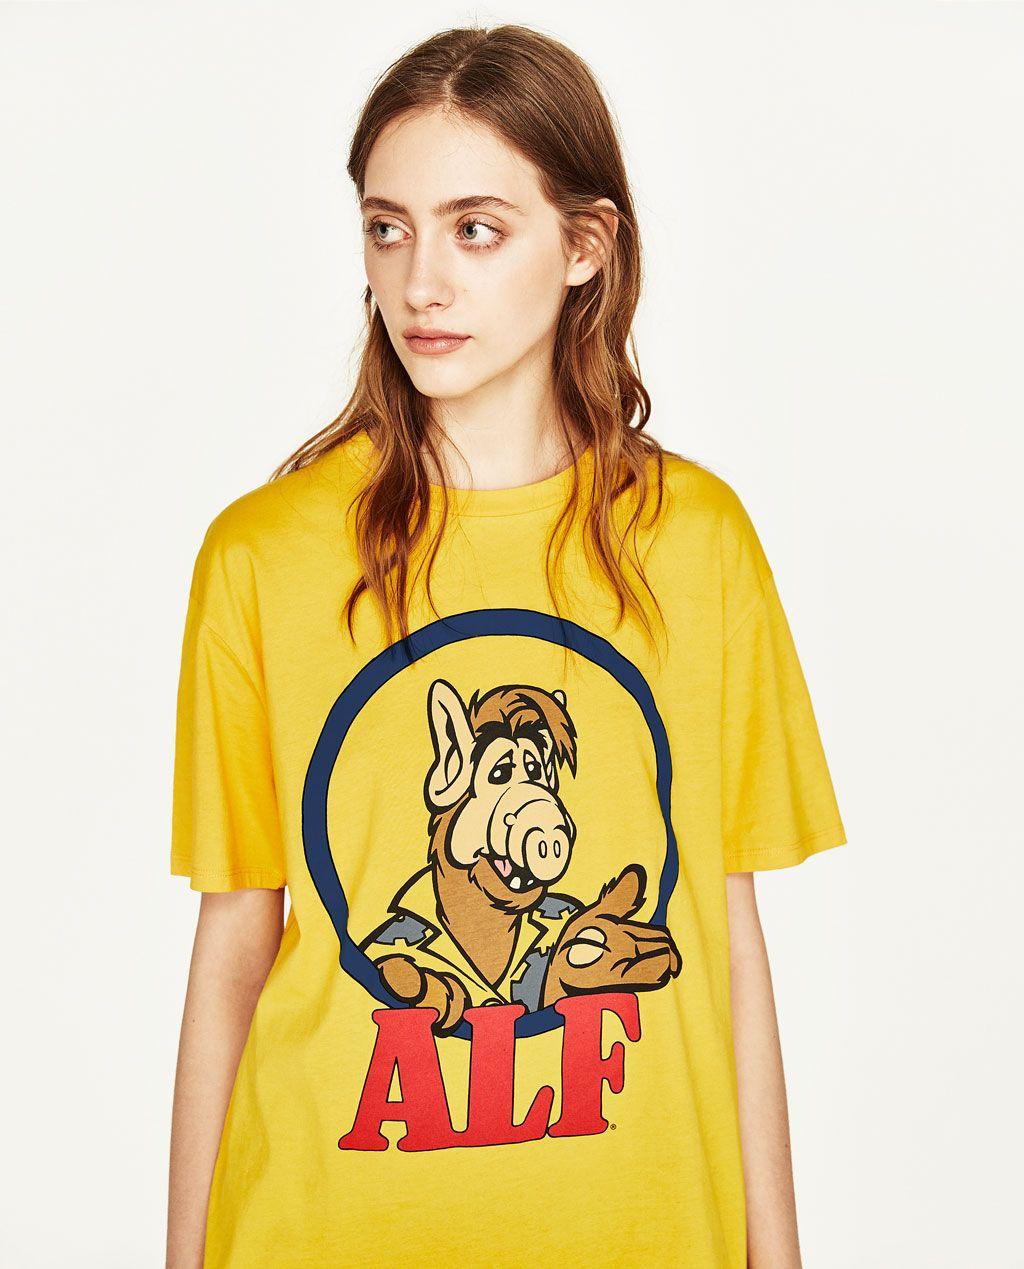 d71e03eea538 ALF T-SHIRT-Short sleeve-T-SHIRTS-WOMAN